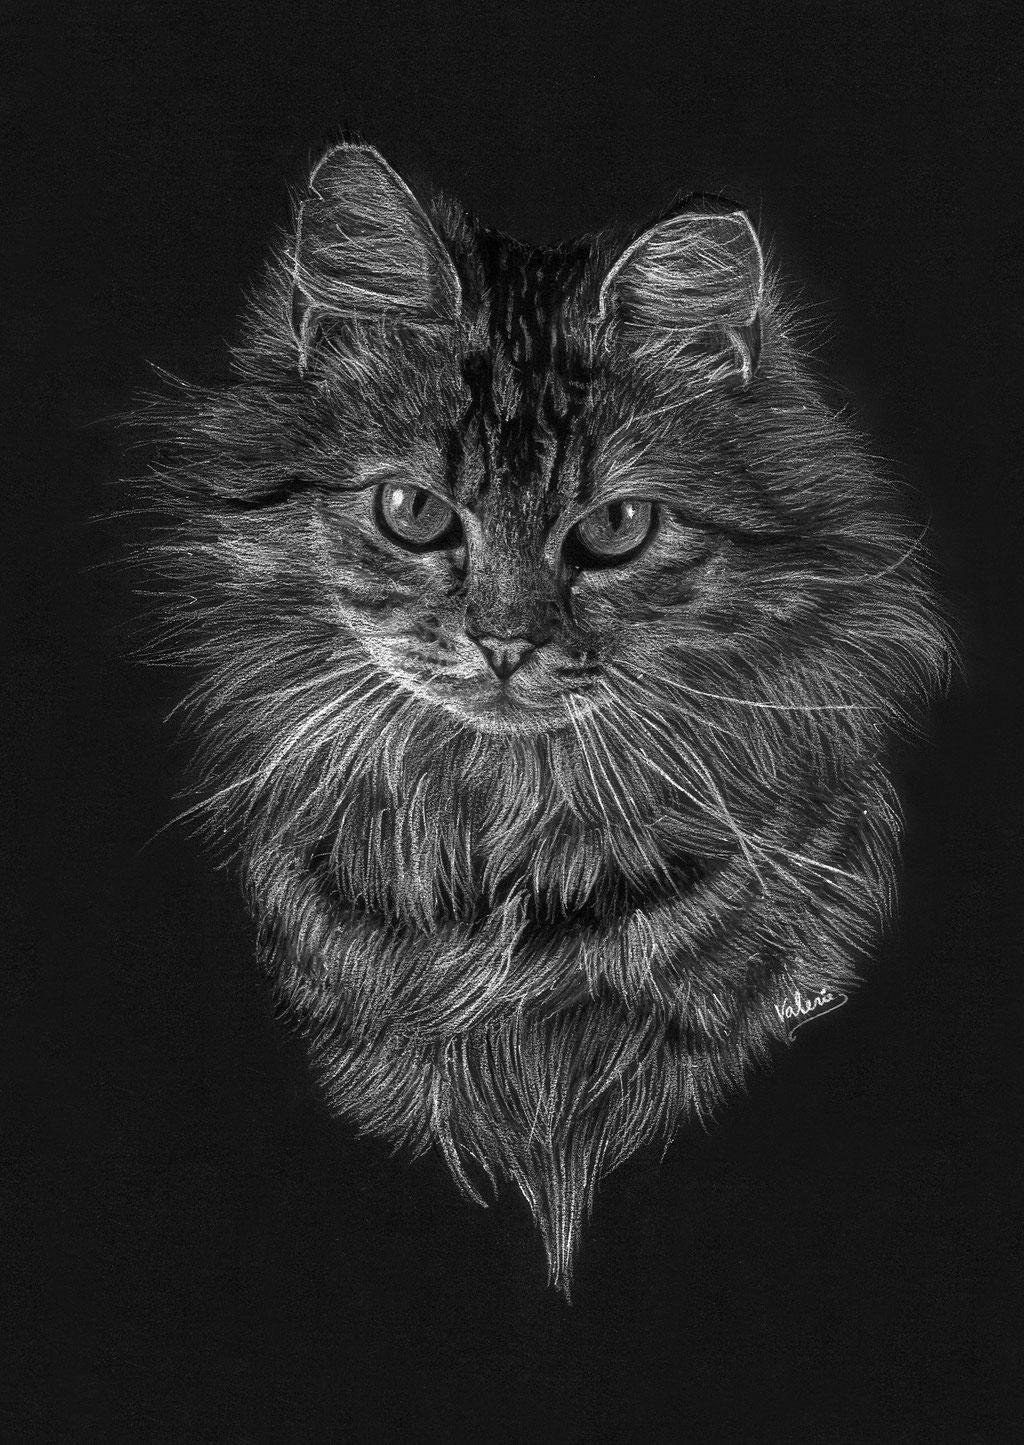 Dierenportret tijgerkat: Wit pastelpotlood en houtskool op zwart papier (2016)